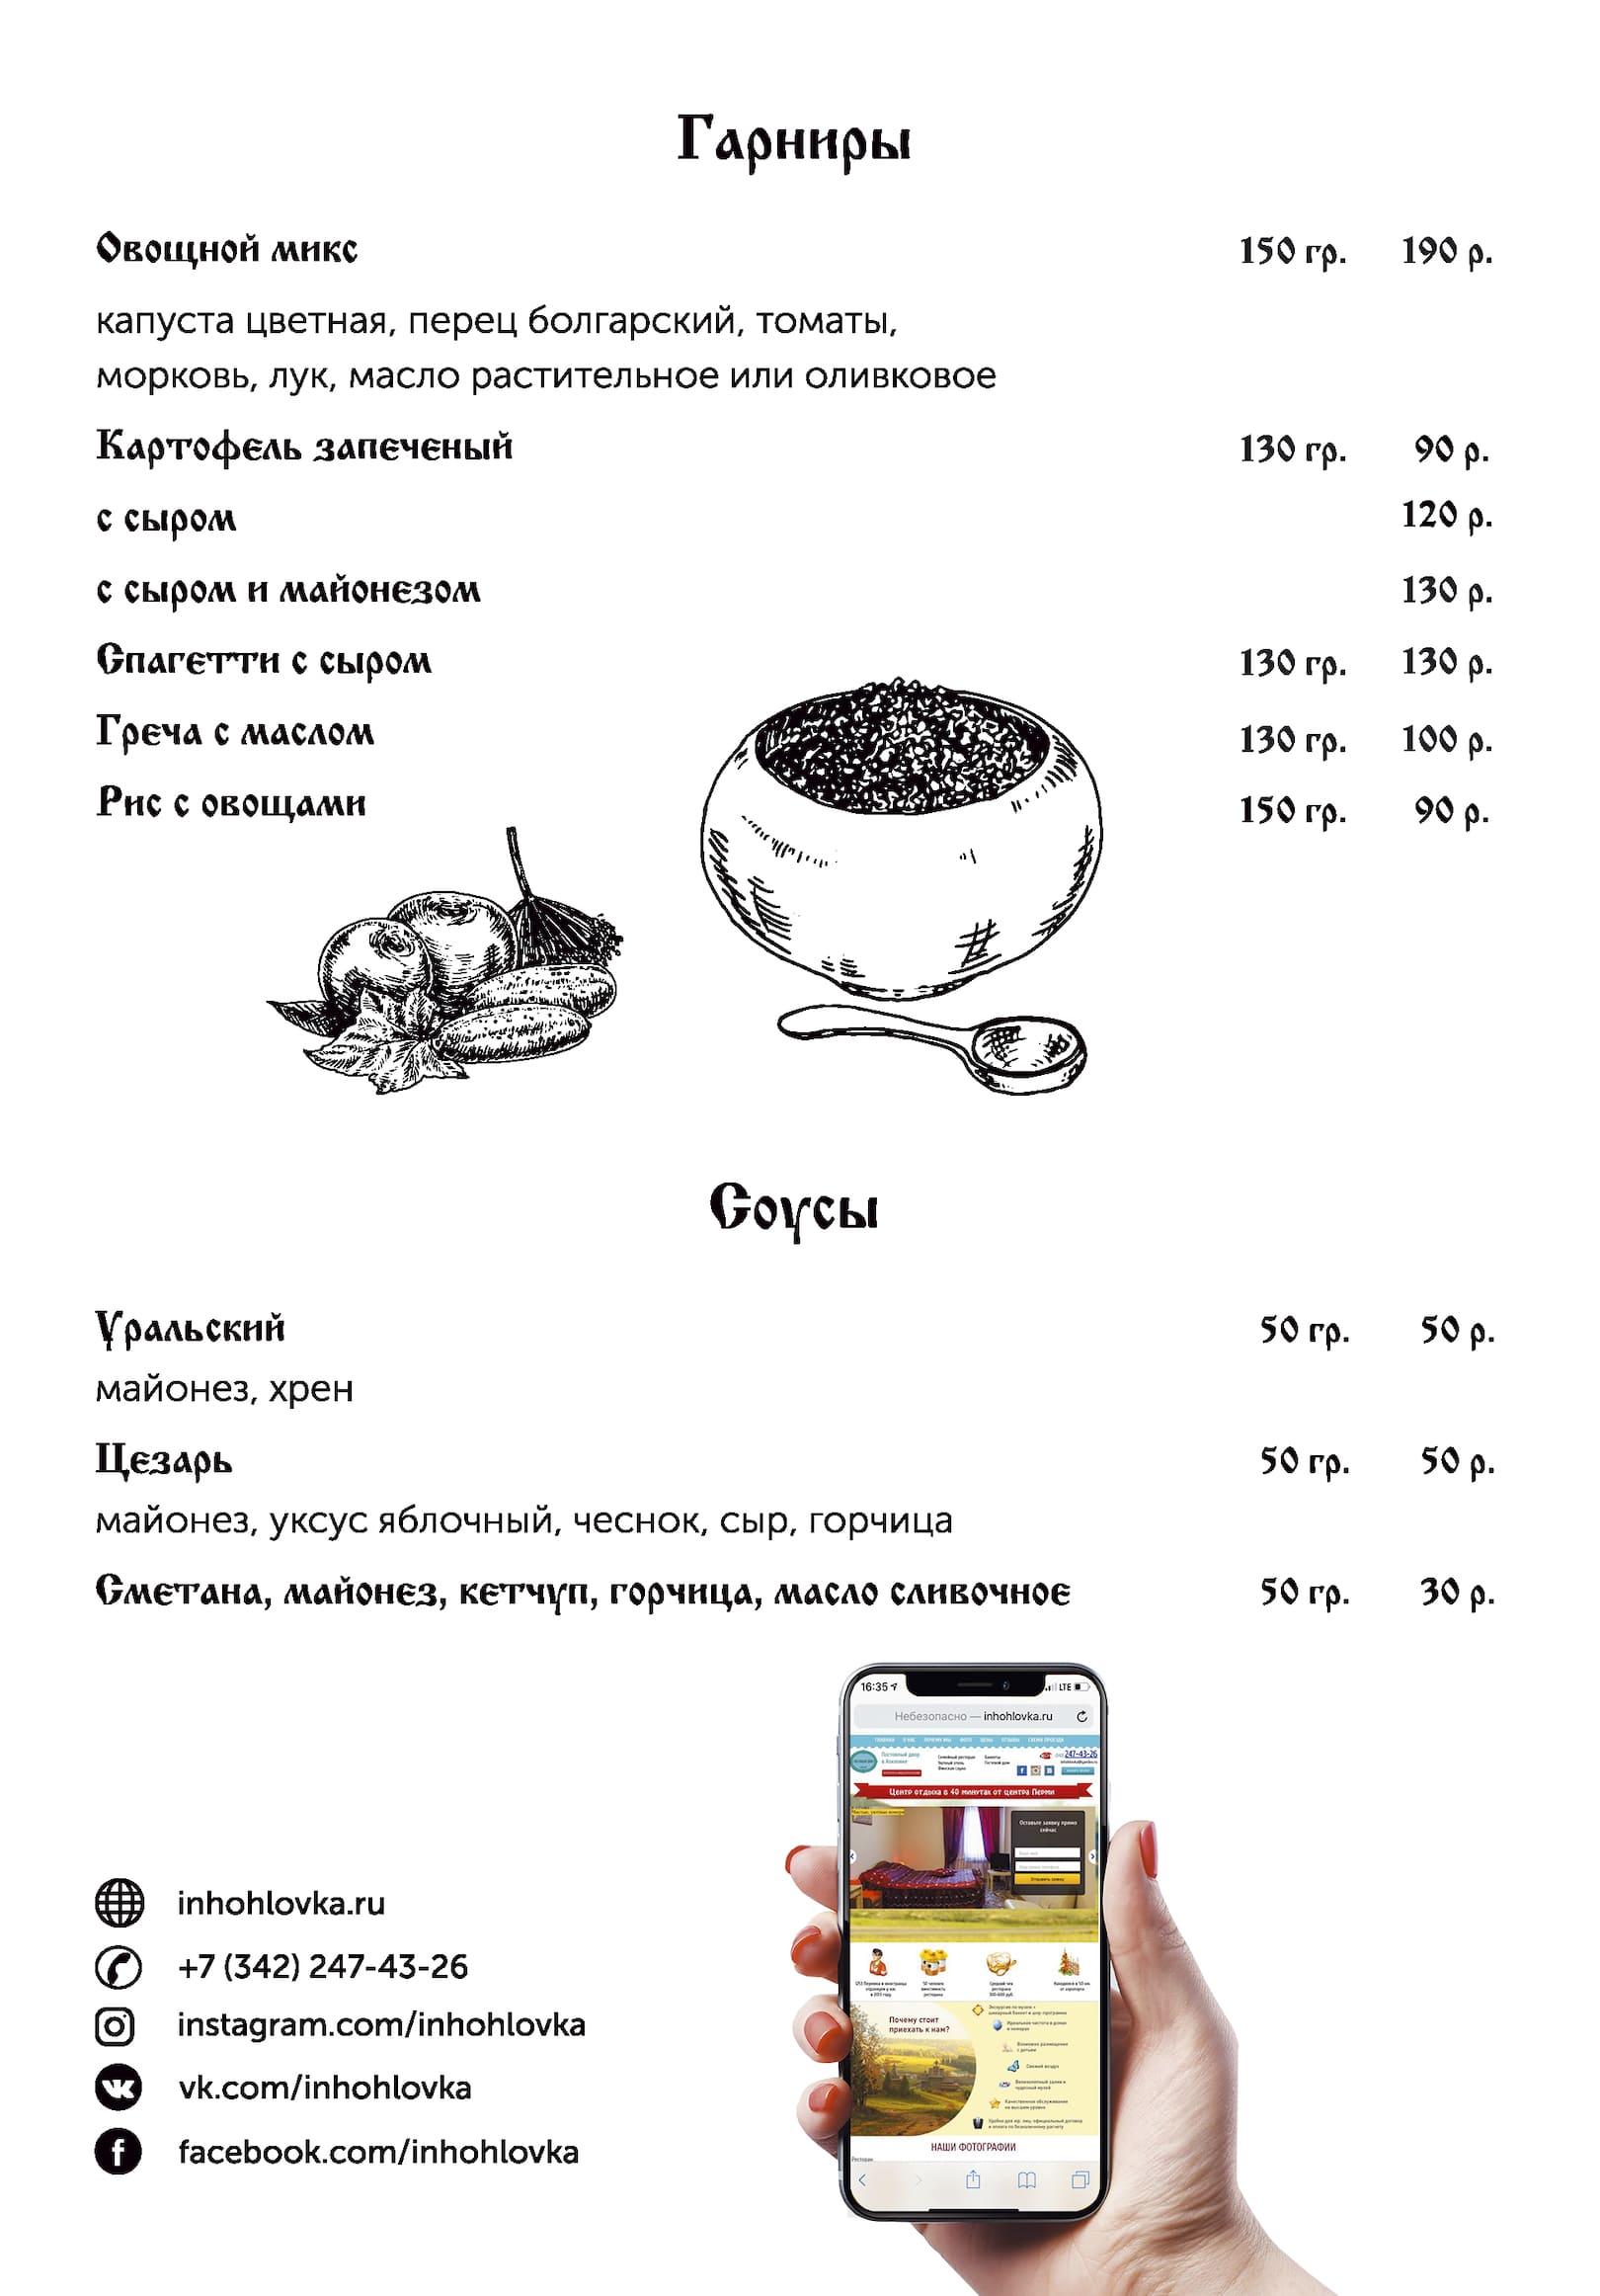 Фото меню 2